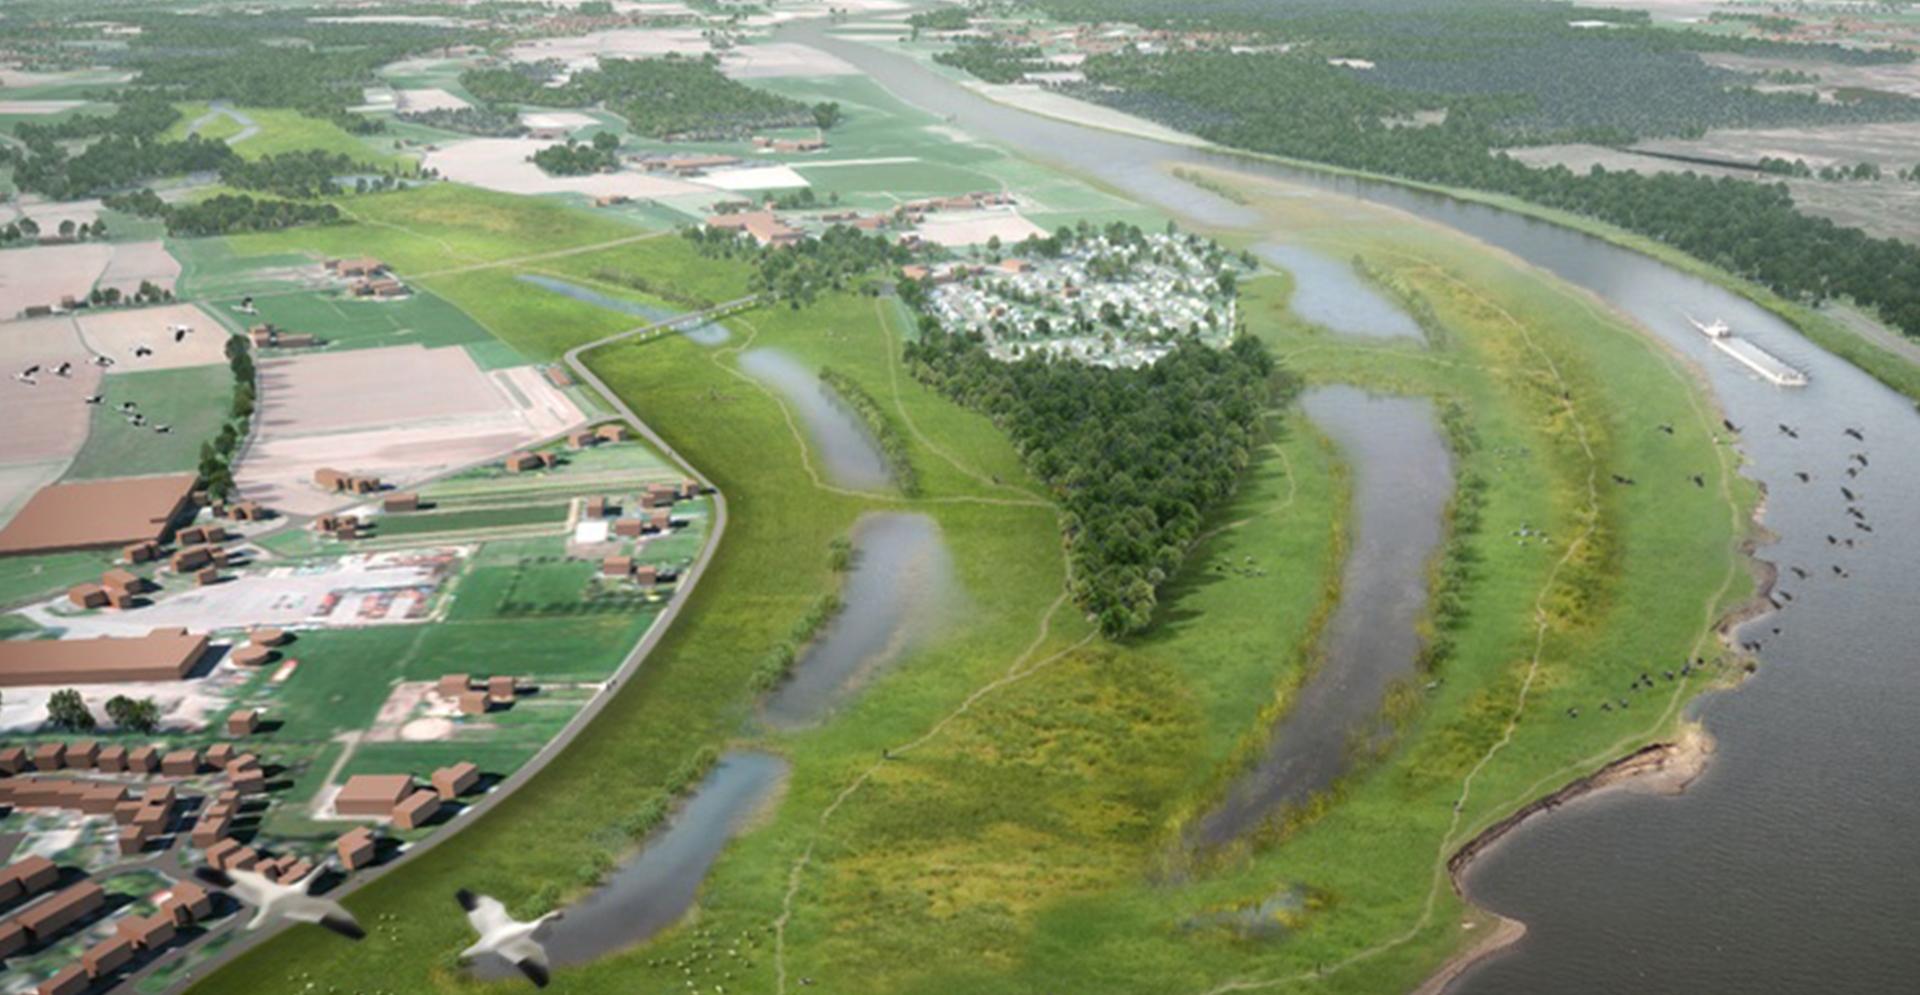 Luchtfoto visualisatie van een bocht in de Maas voor het Hoogwaterbeschermingsprogramma.